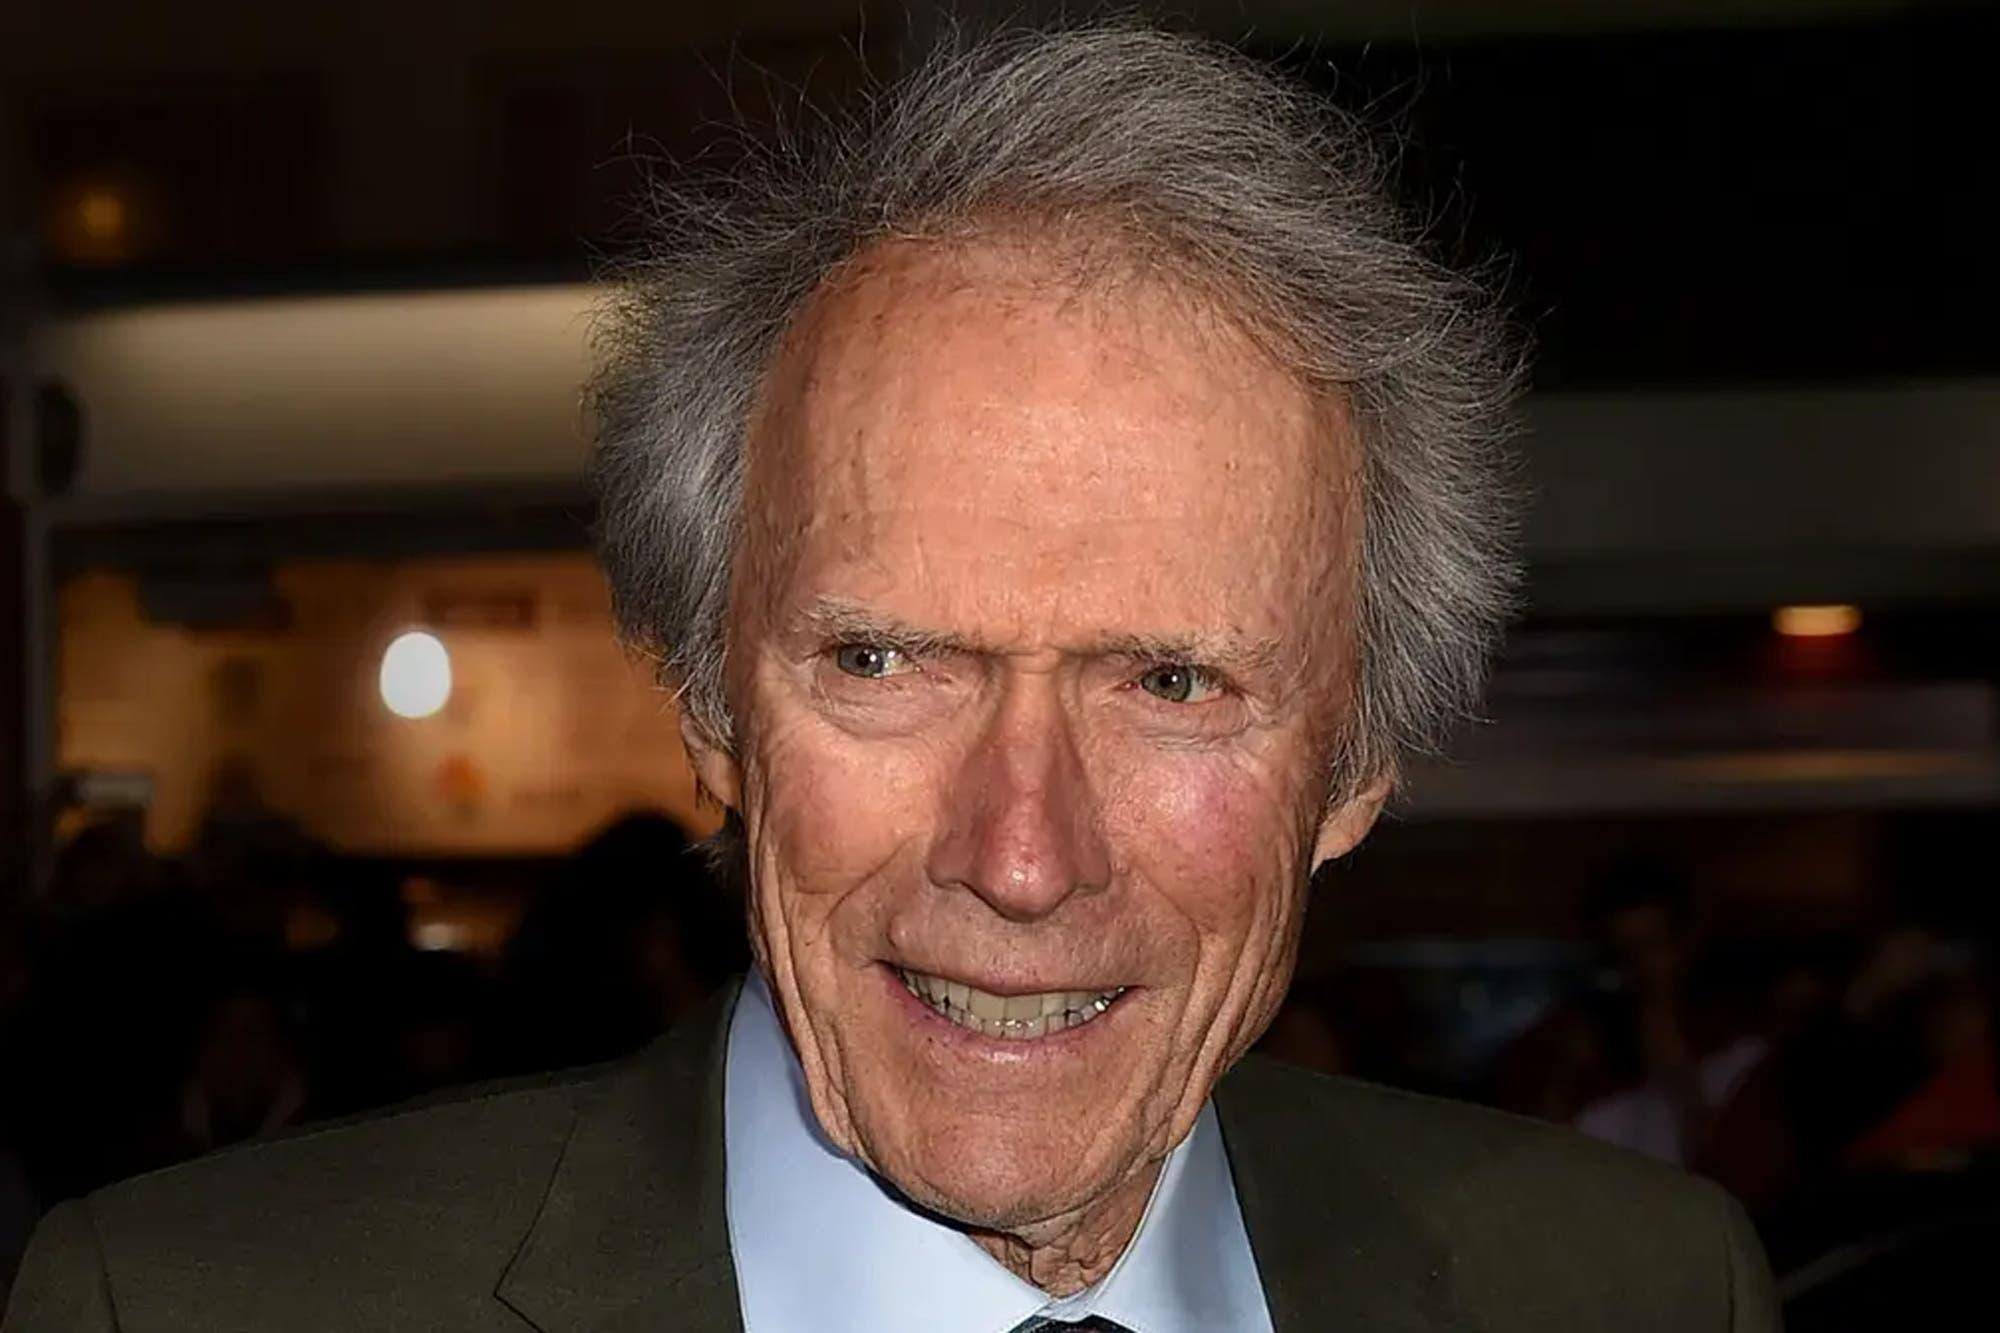 Clint Eastwood: cómo fue su paso por la política como alcalde de Carmel by the sea